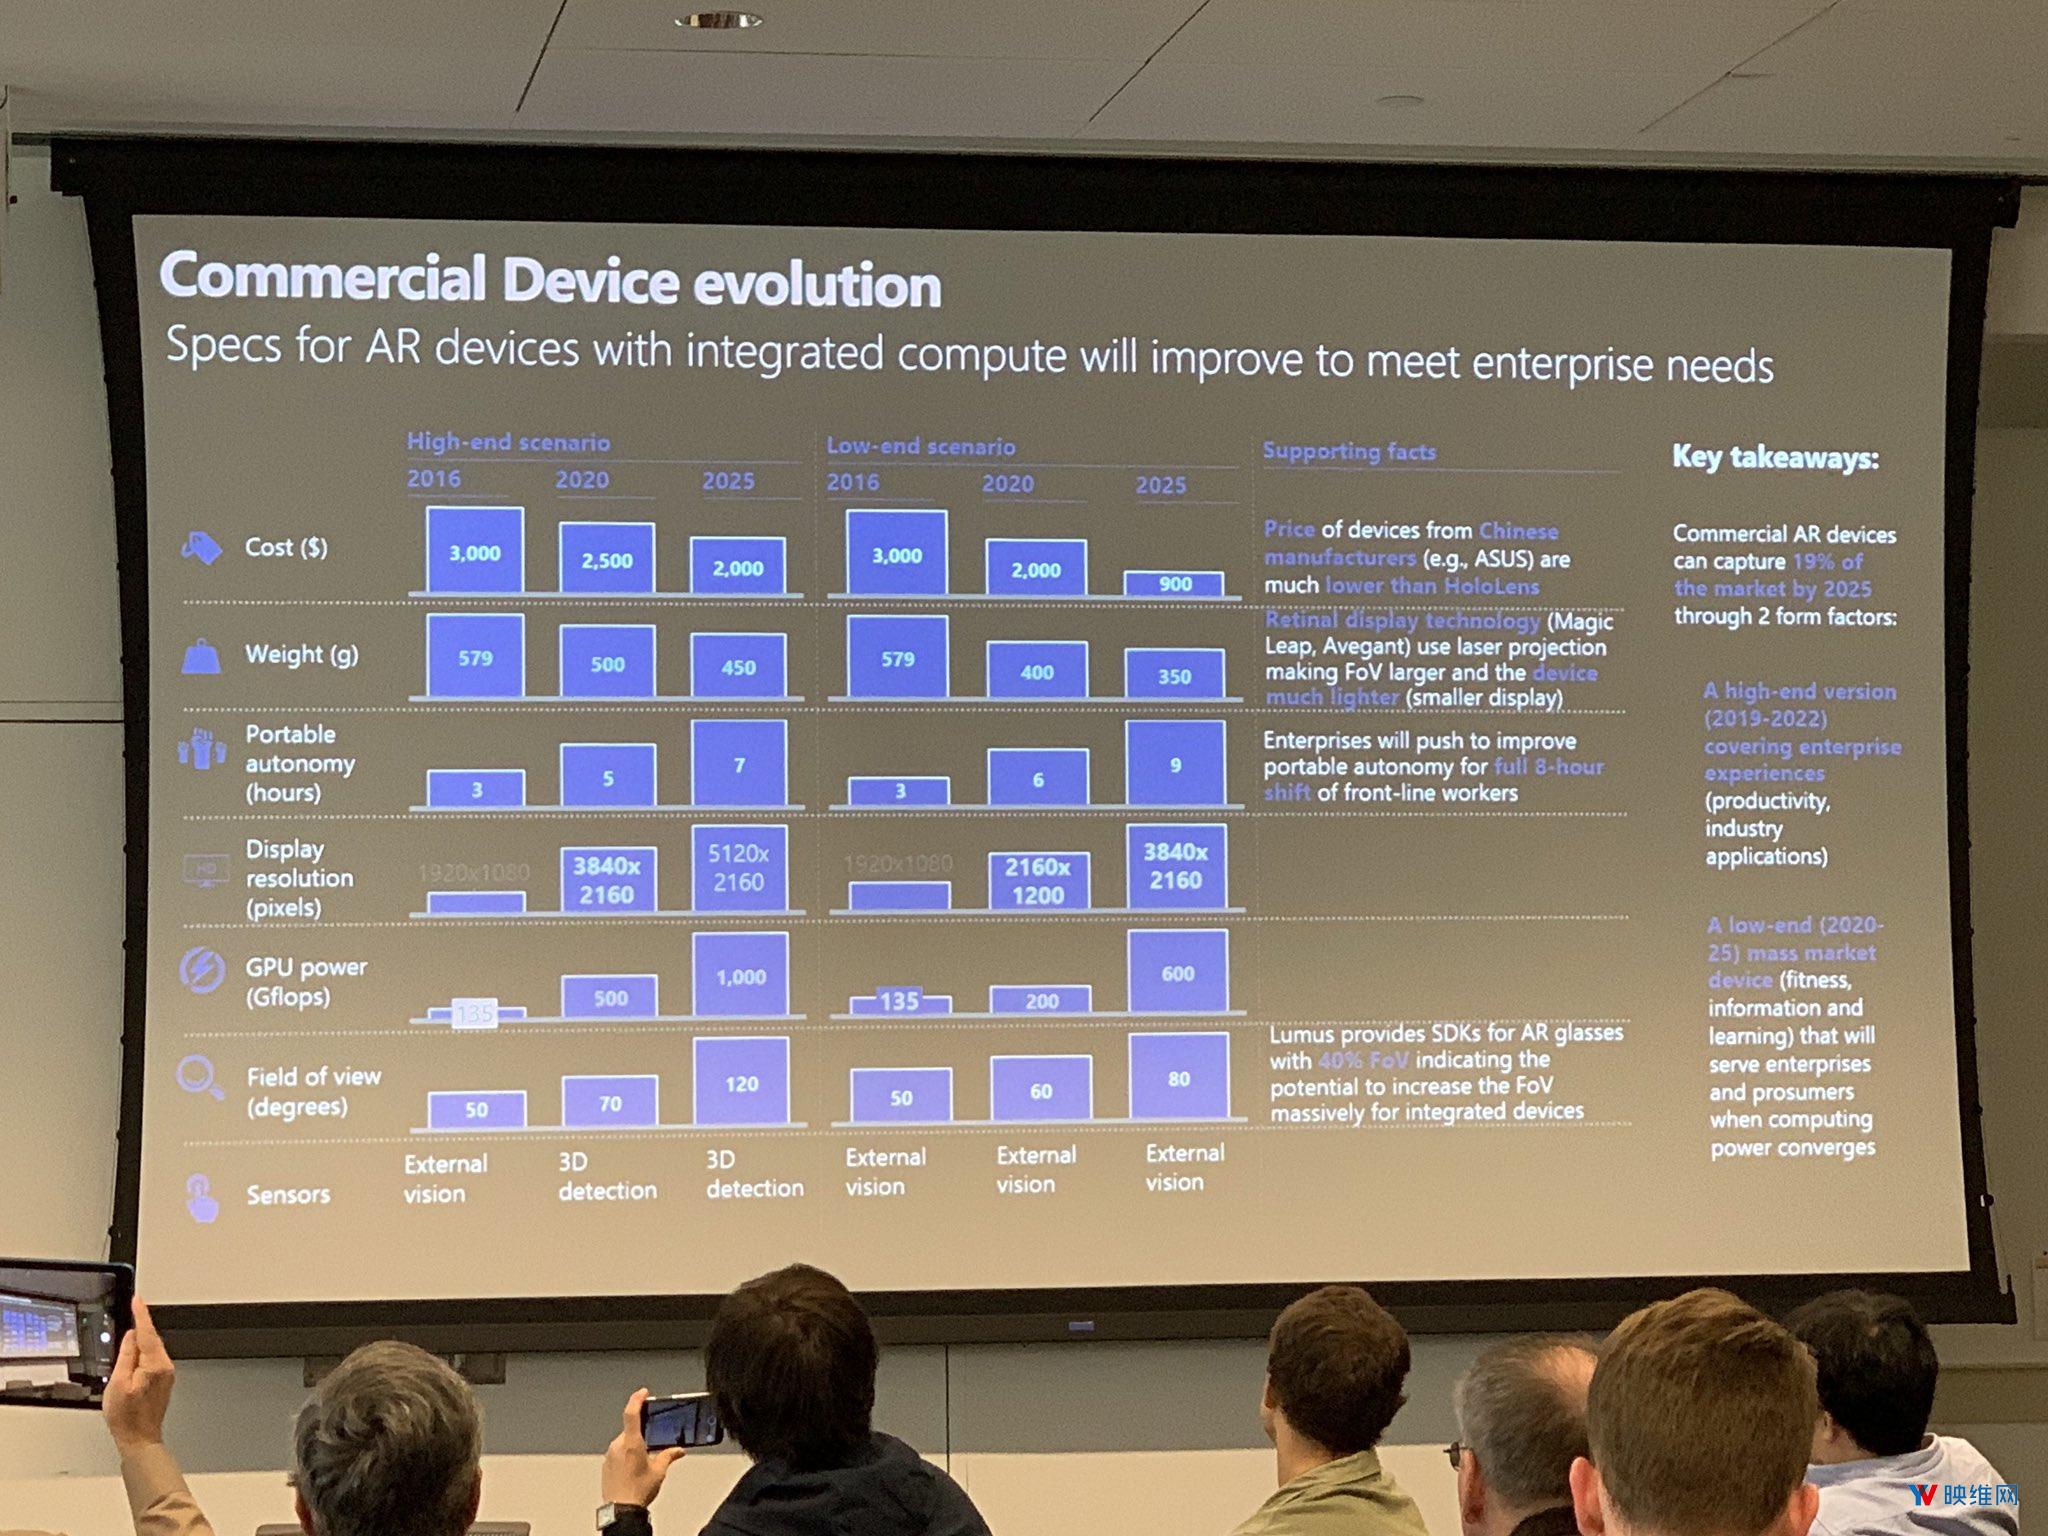 微软预测:2025年高端AR配5K屏、120度FOV,价格下降至2000美元